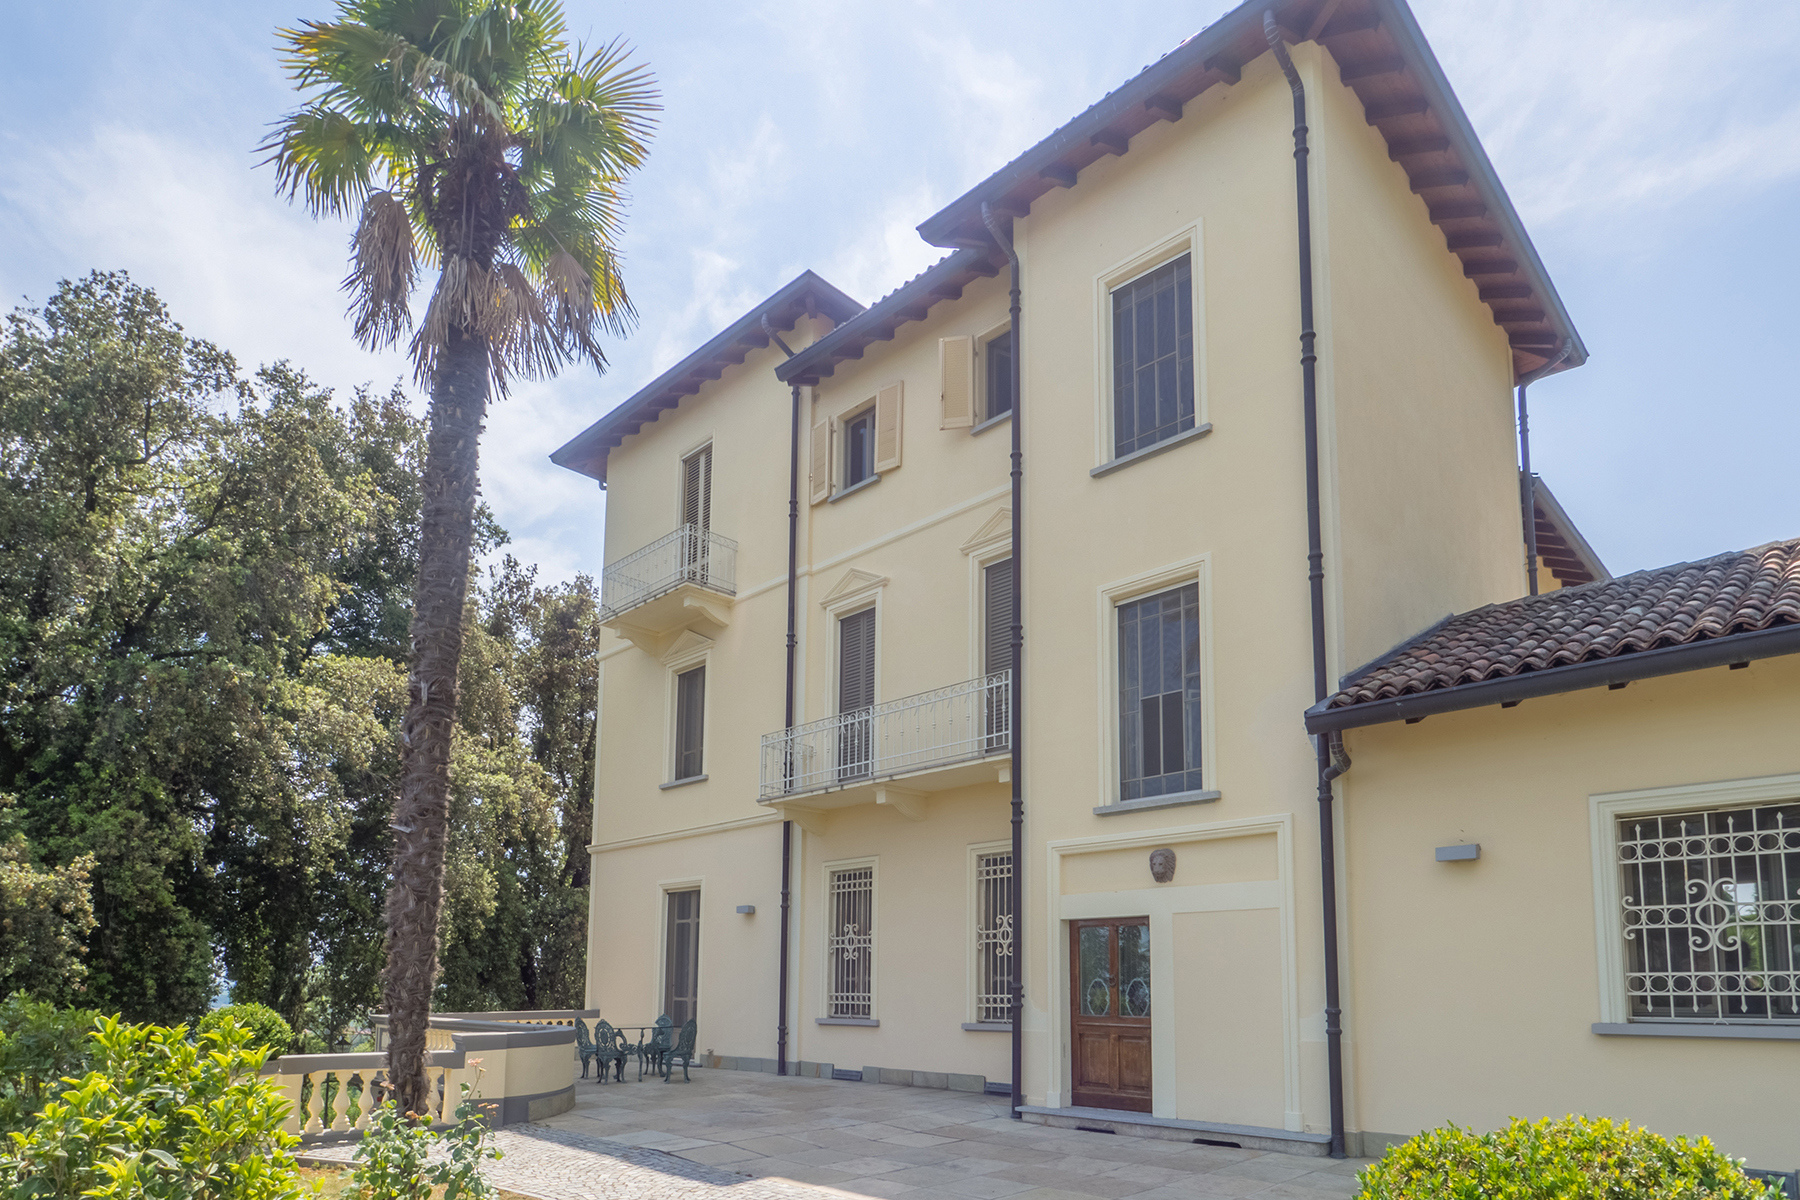 Villa in Vendita a Cella Monte: 5 locali, 800 mq - Foto 30